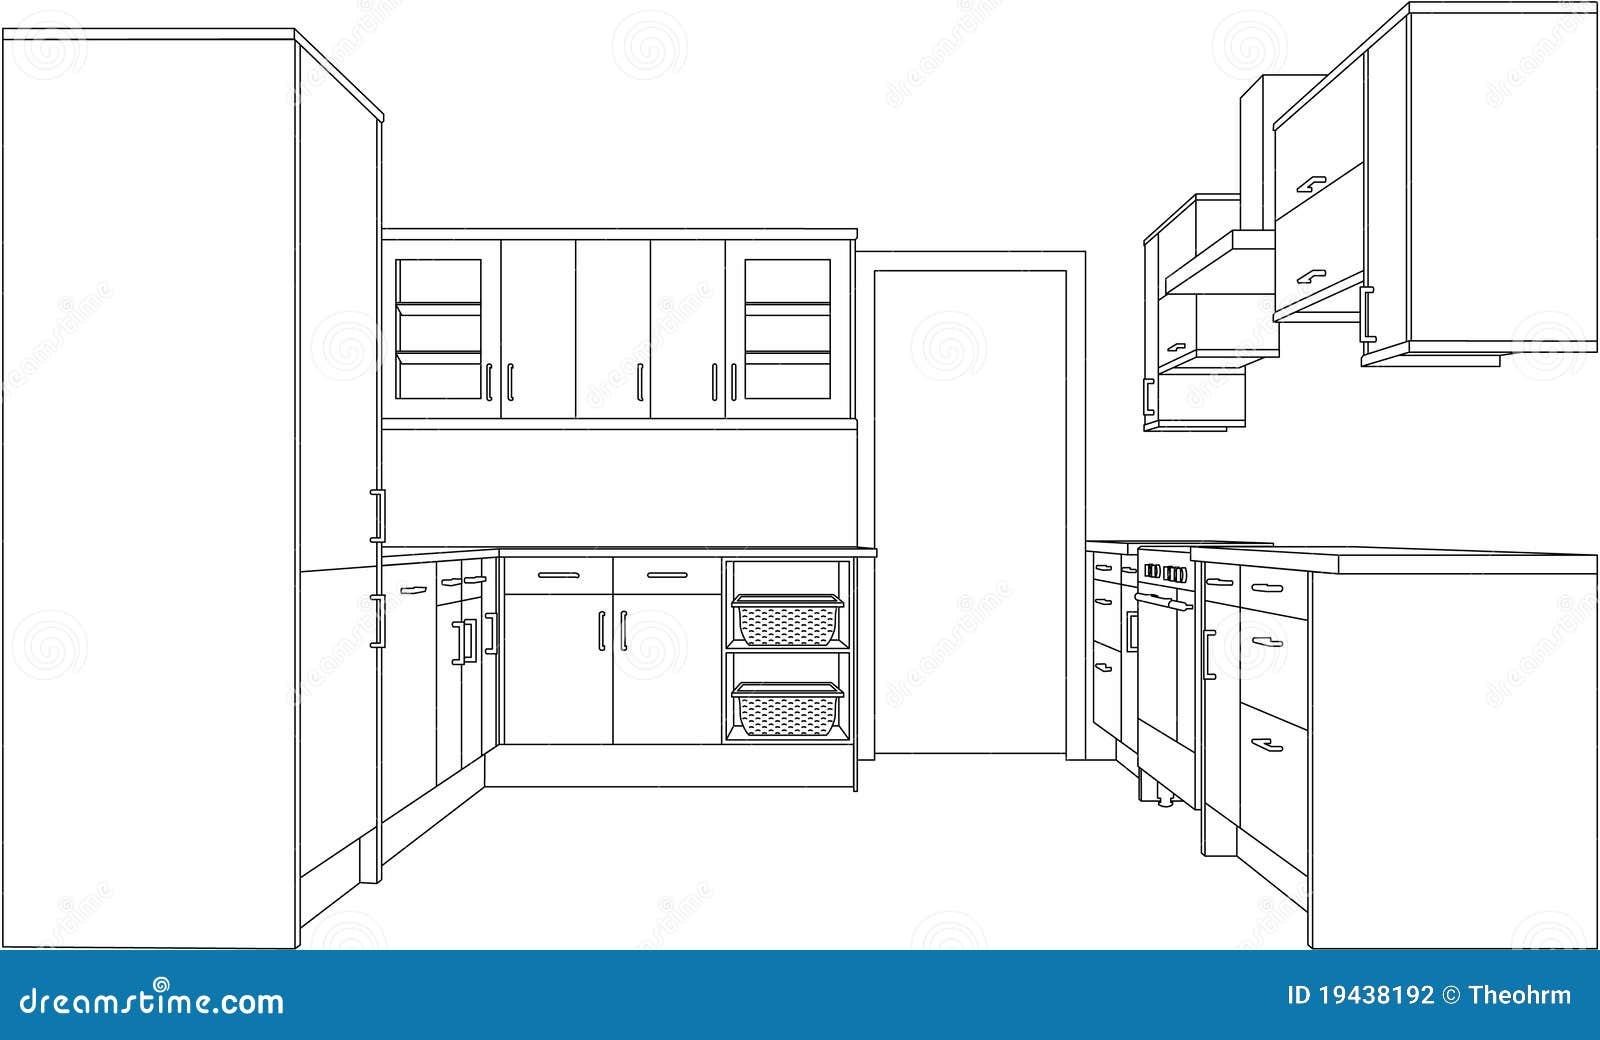 lápis desenho da perspectiva do ponto de uma cozinha cabida #85A922 1300 862